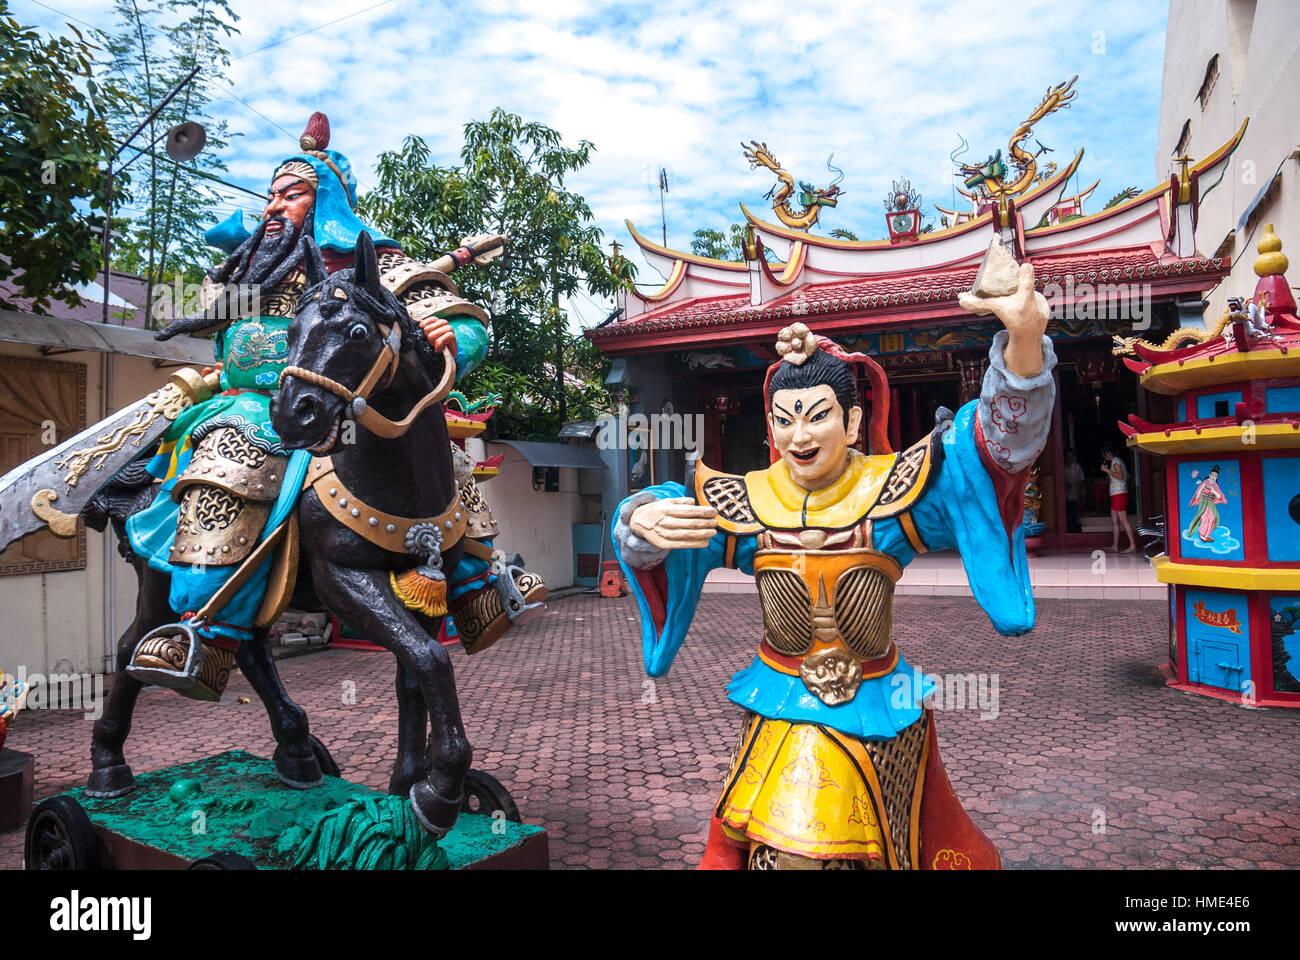 Statues of a warrior and Kwan Kong (Guan Yu) god riding a horse. © Reynold Sumayku - Stock Image